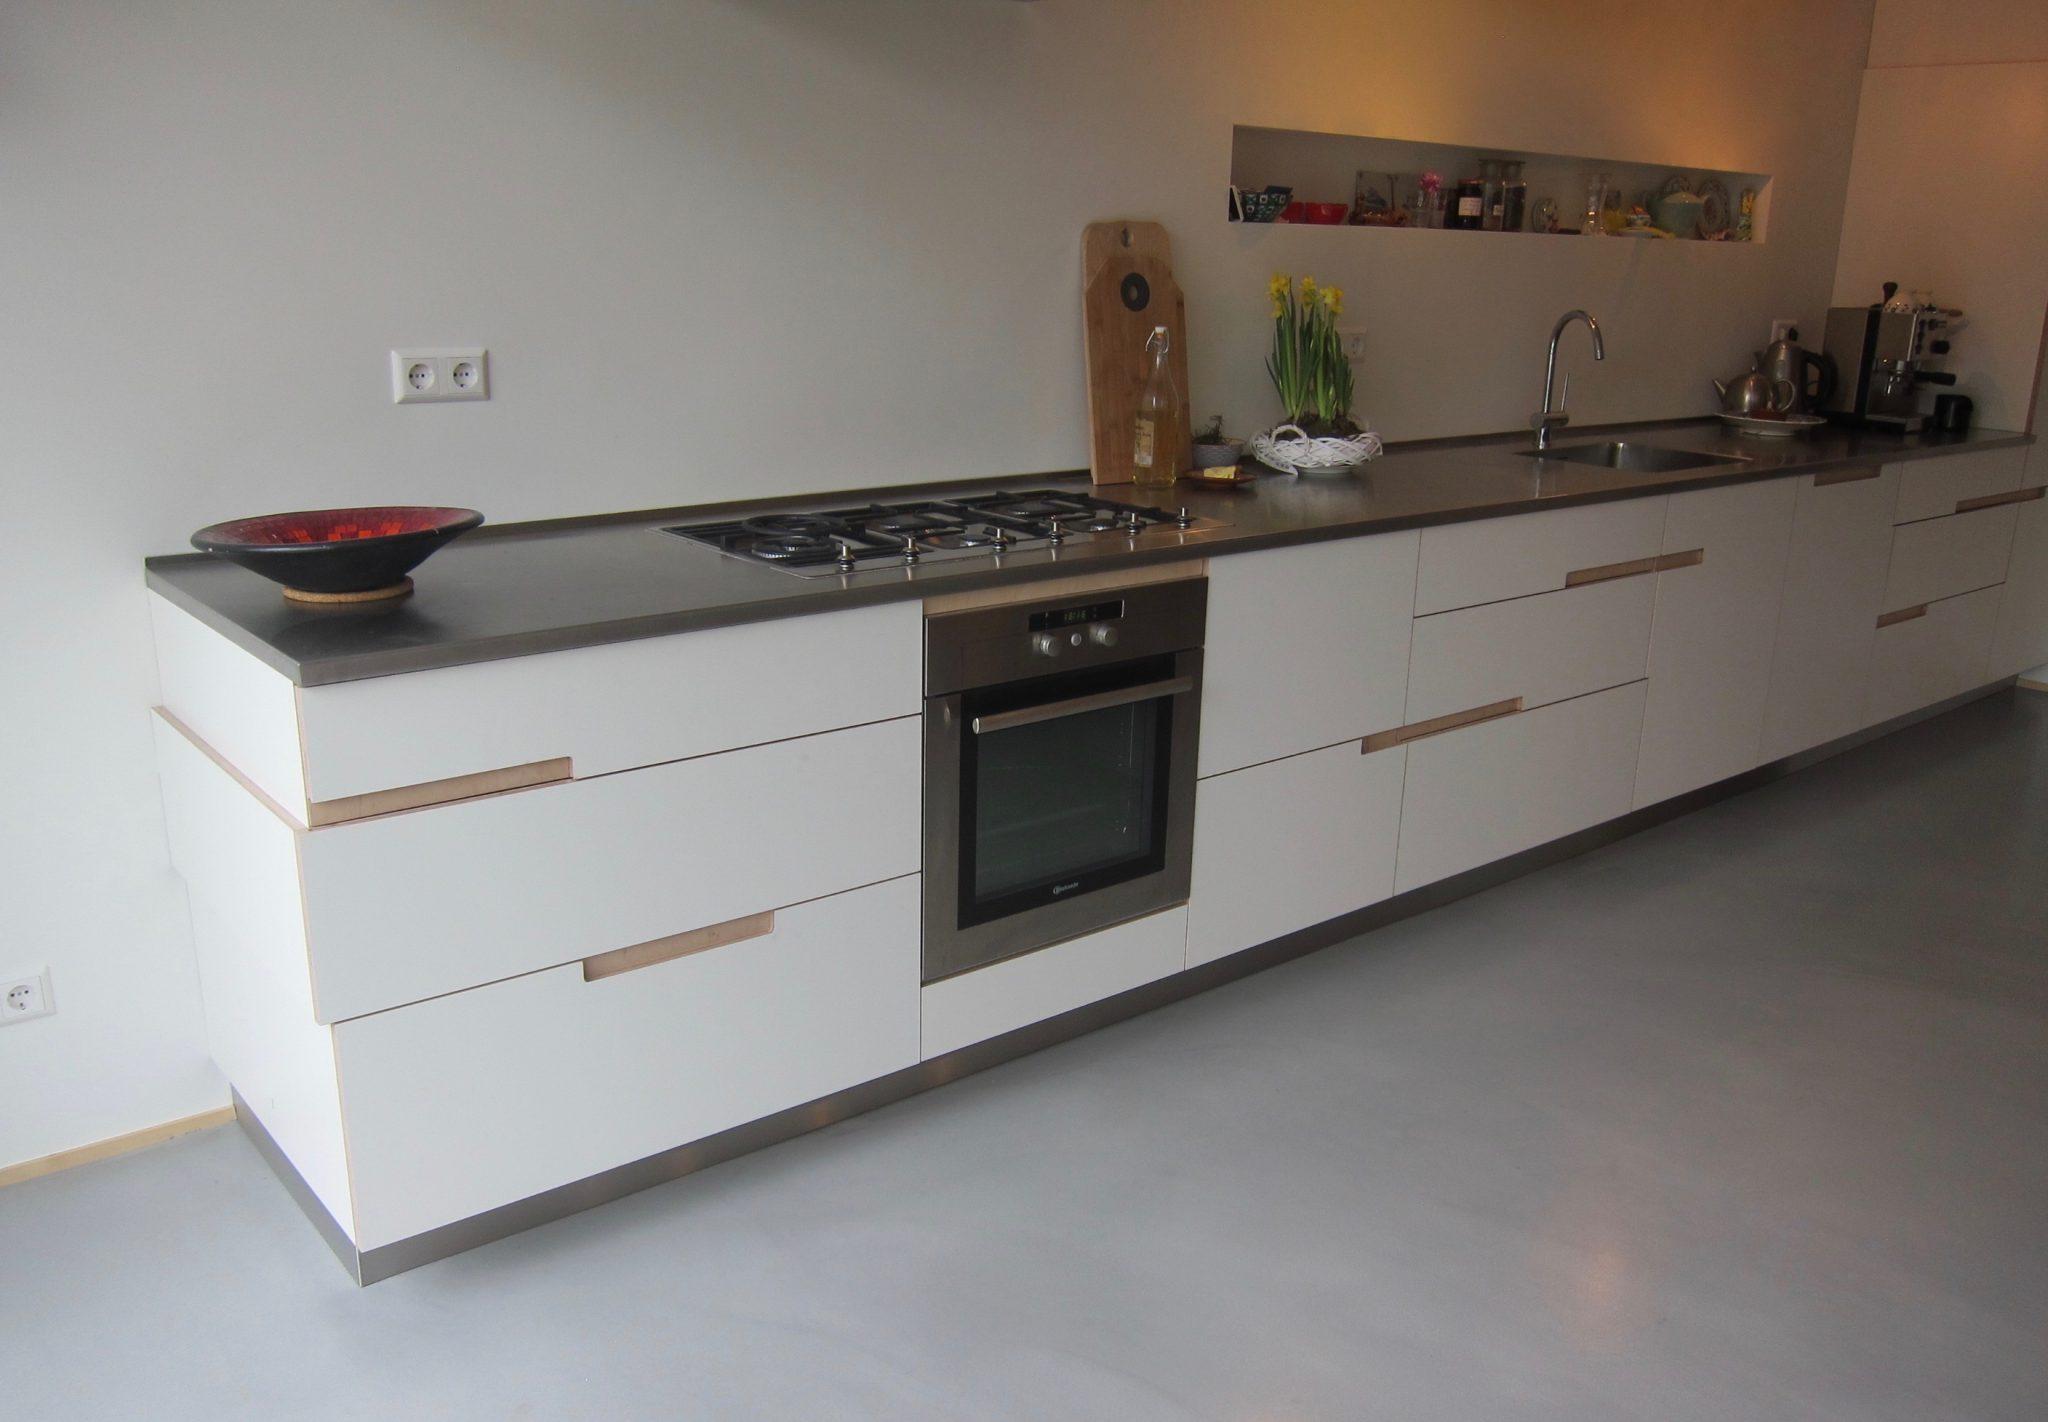 Keuken nieuwendam vincent niekerk meubelmaker amsterdam for Meubelmaker amsterdam